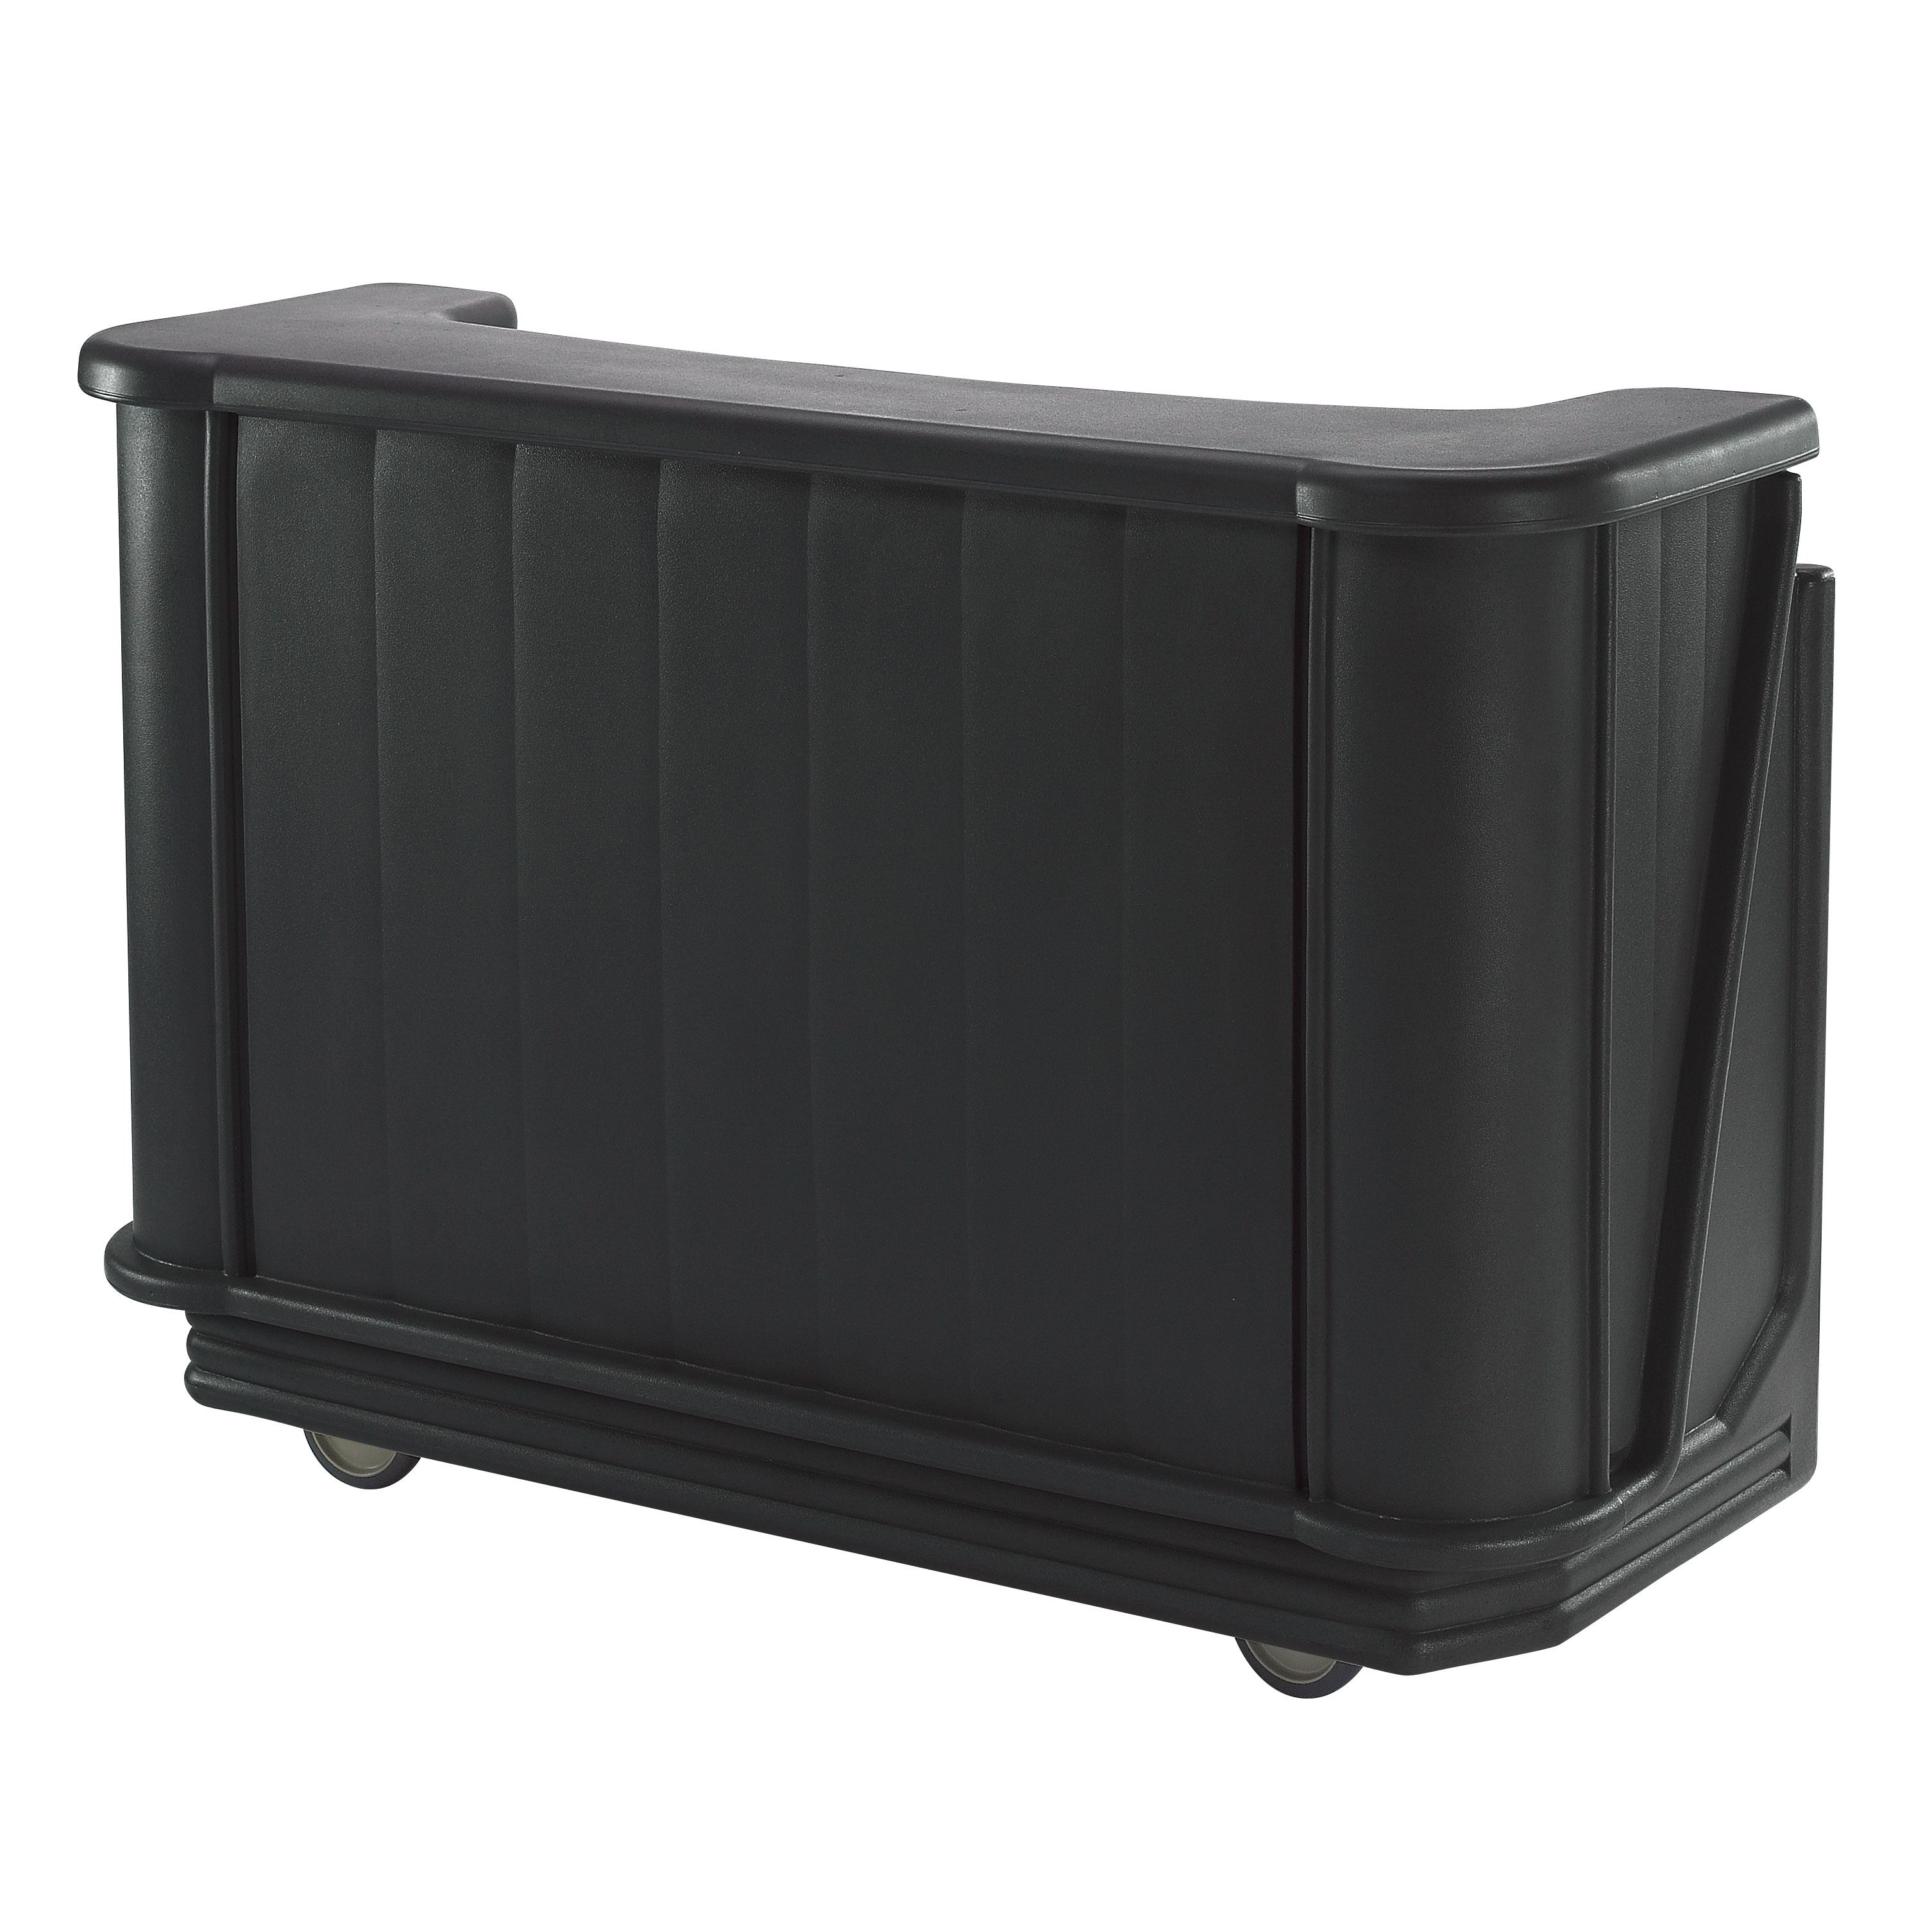 Cambro BAR650PM110 portable bars